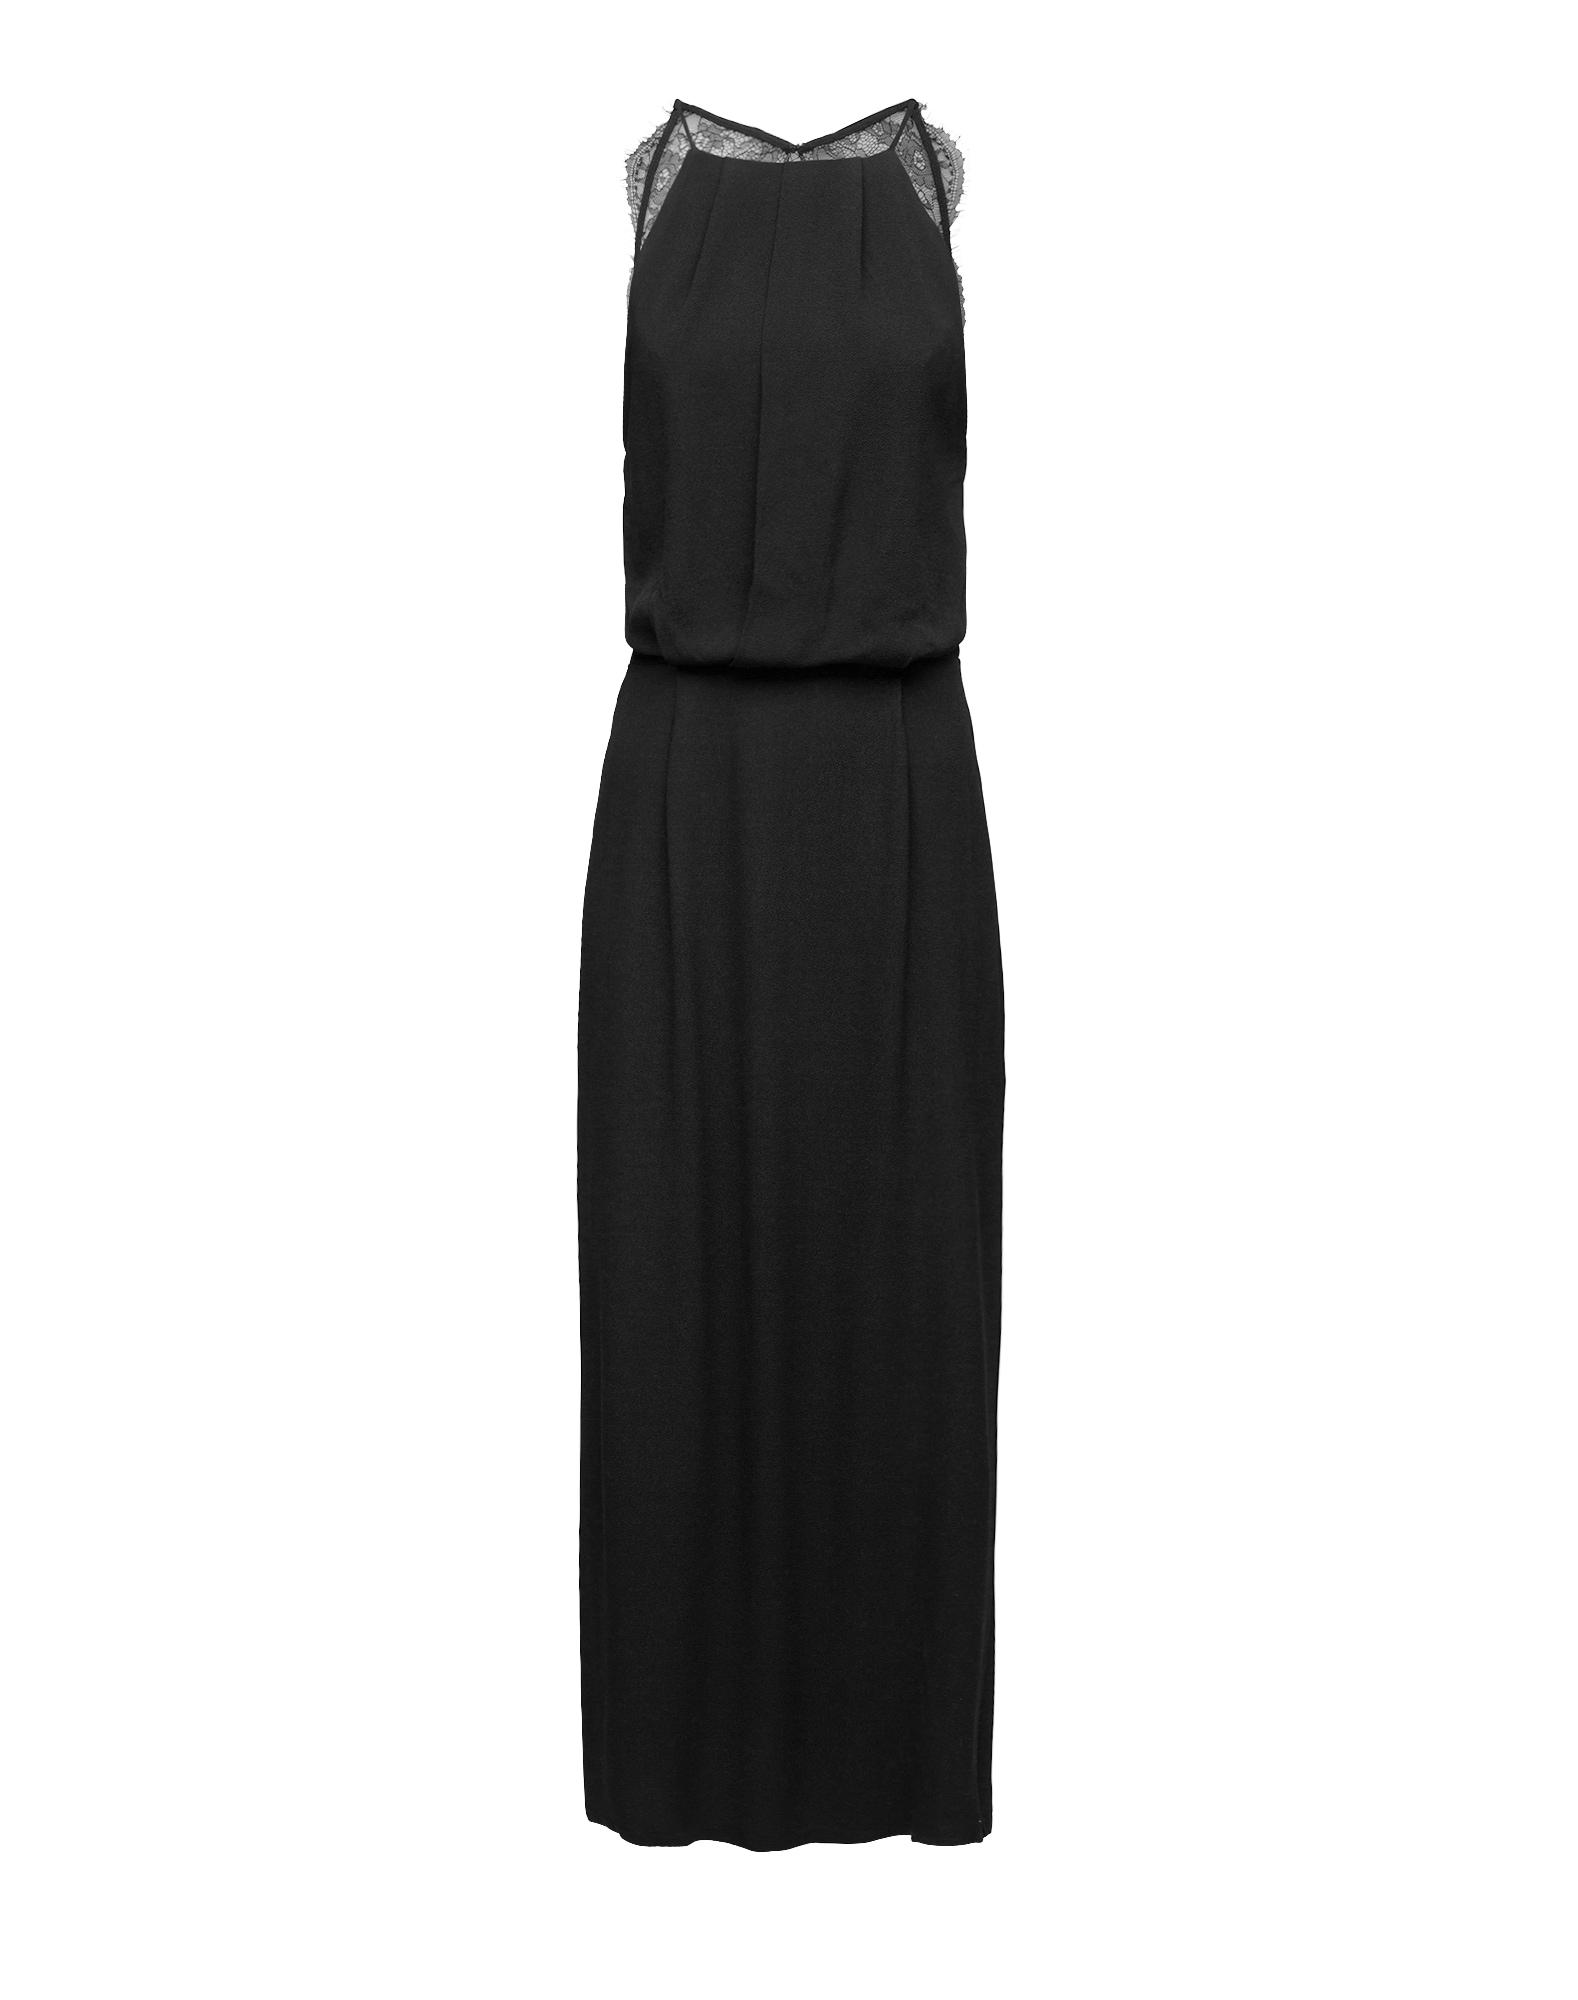 Společenské šaty Willow 5687 černá Samsoe & Samsoe